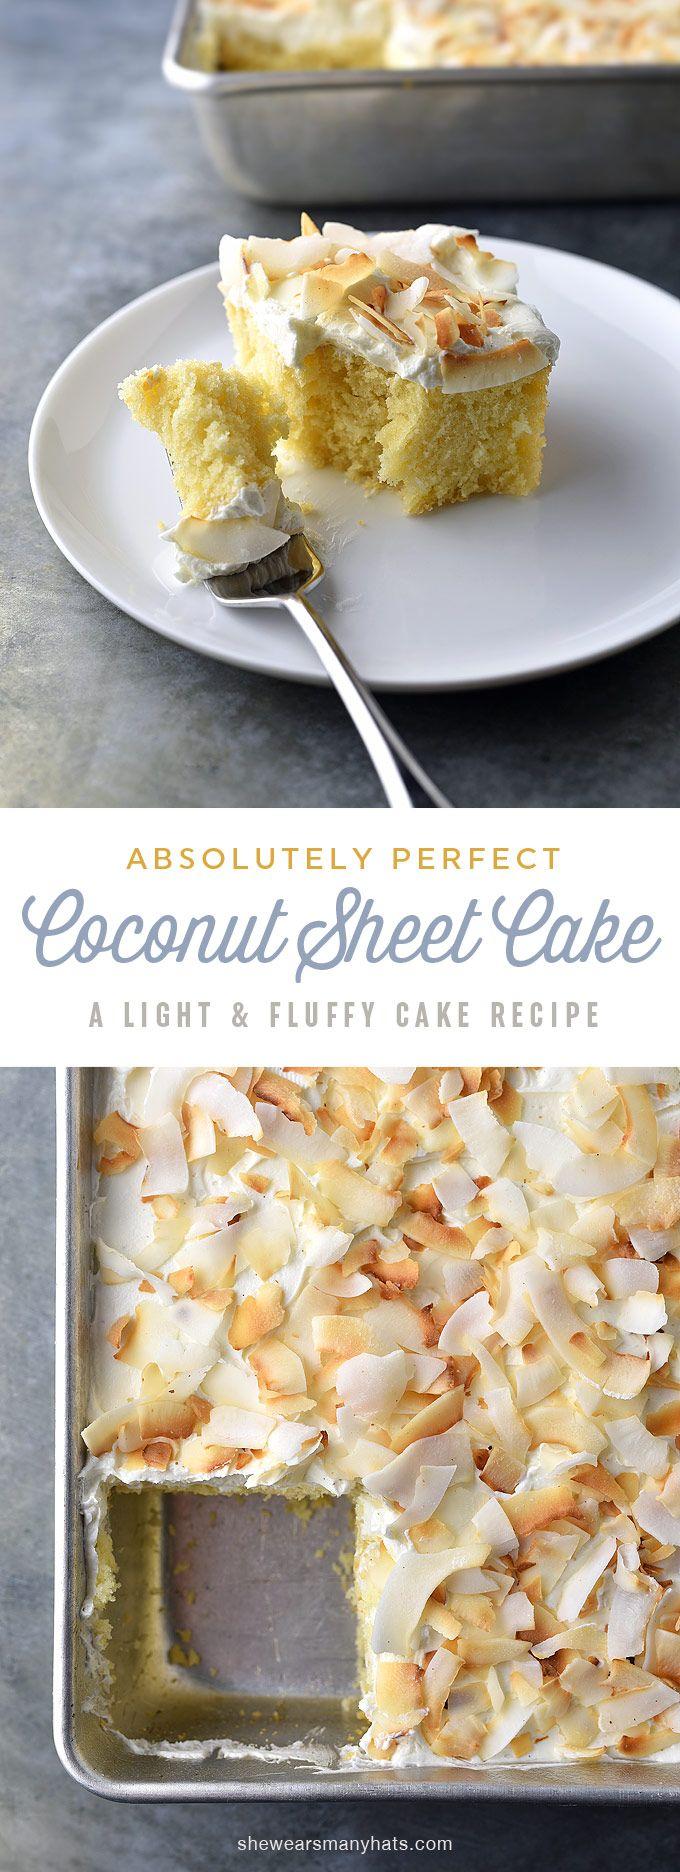 Perfect Coconut Sheet Cake Recipe   shewearsmanyhats.com